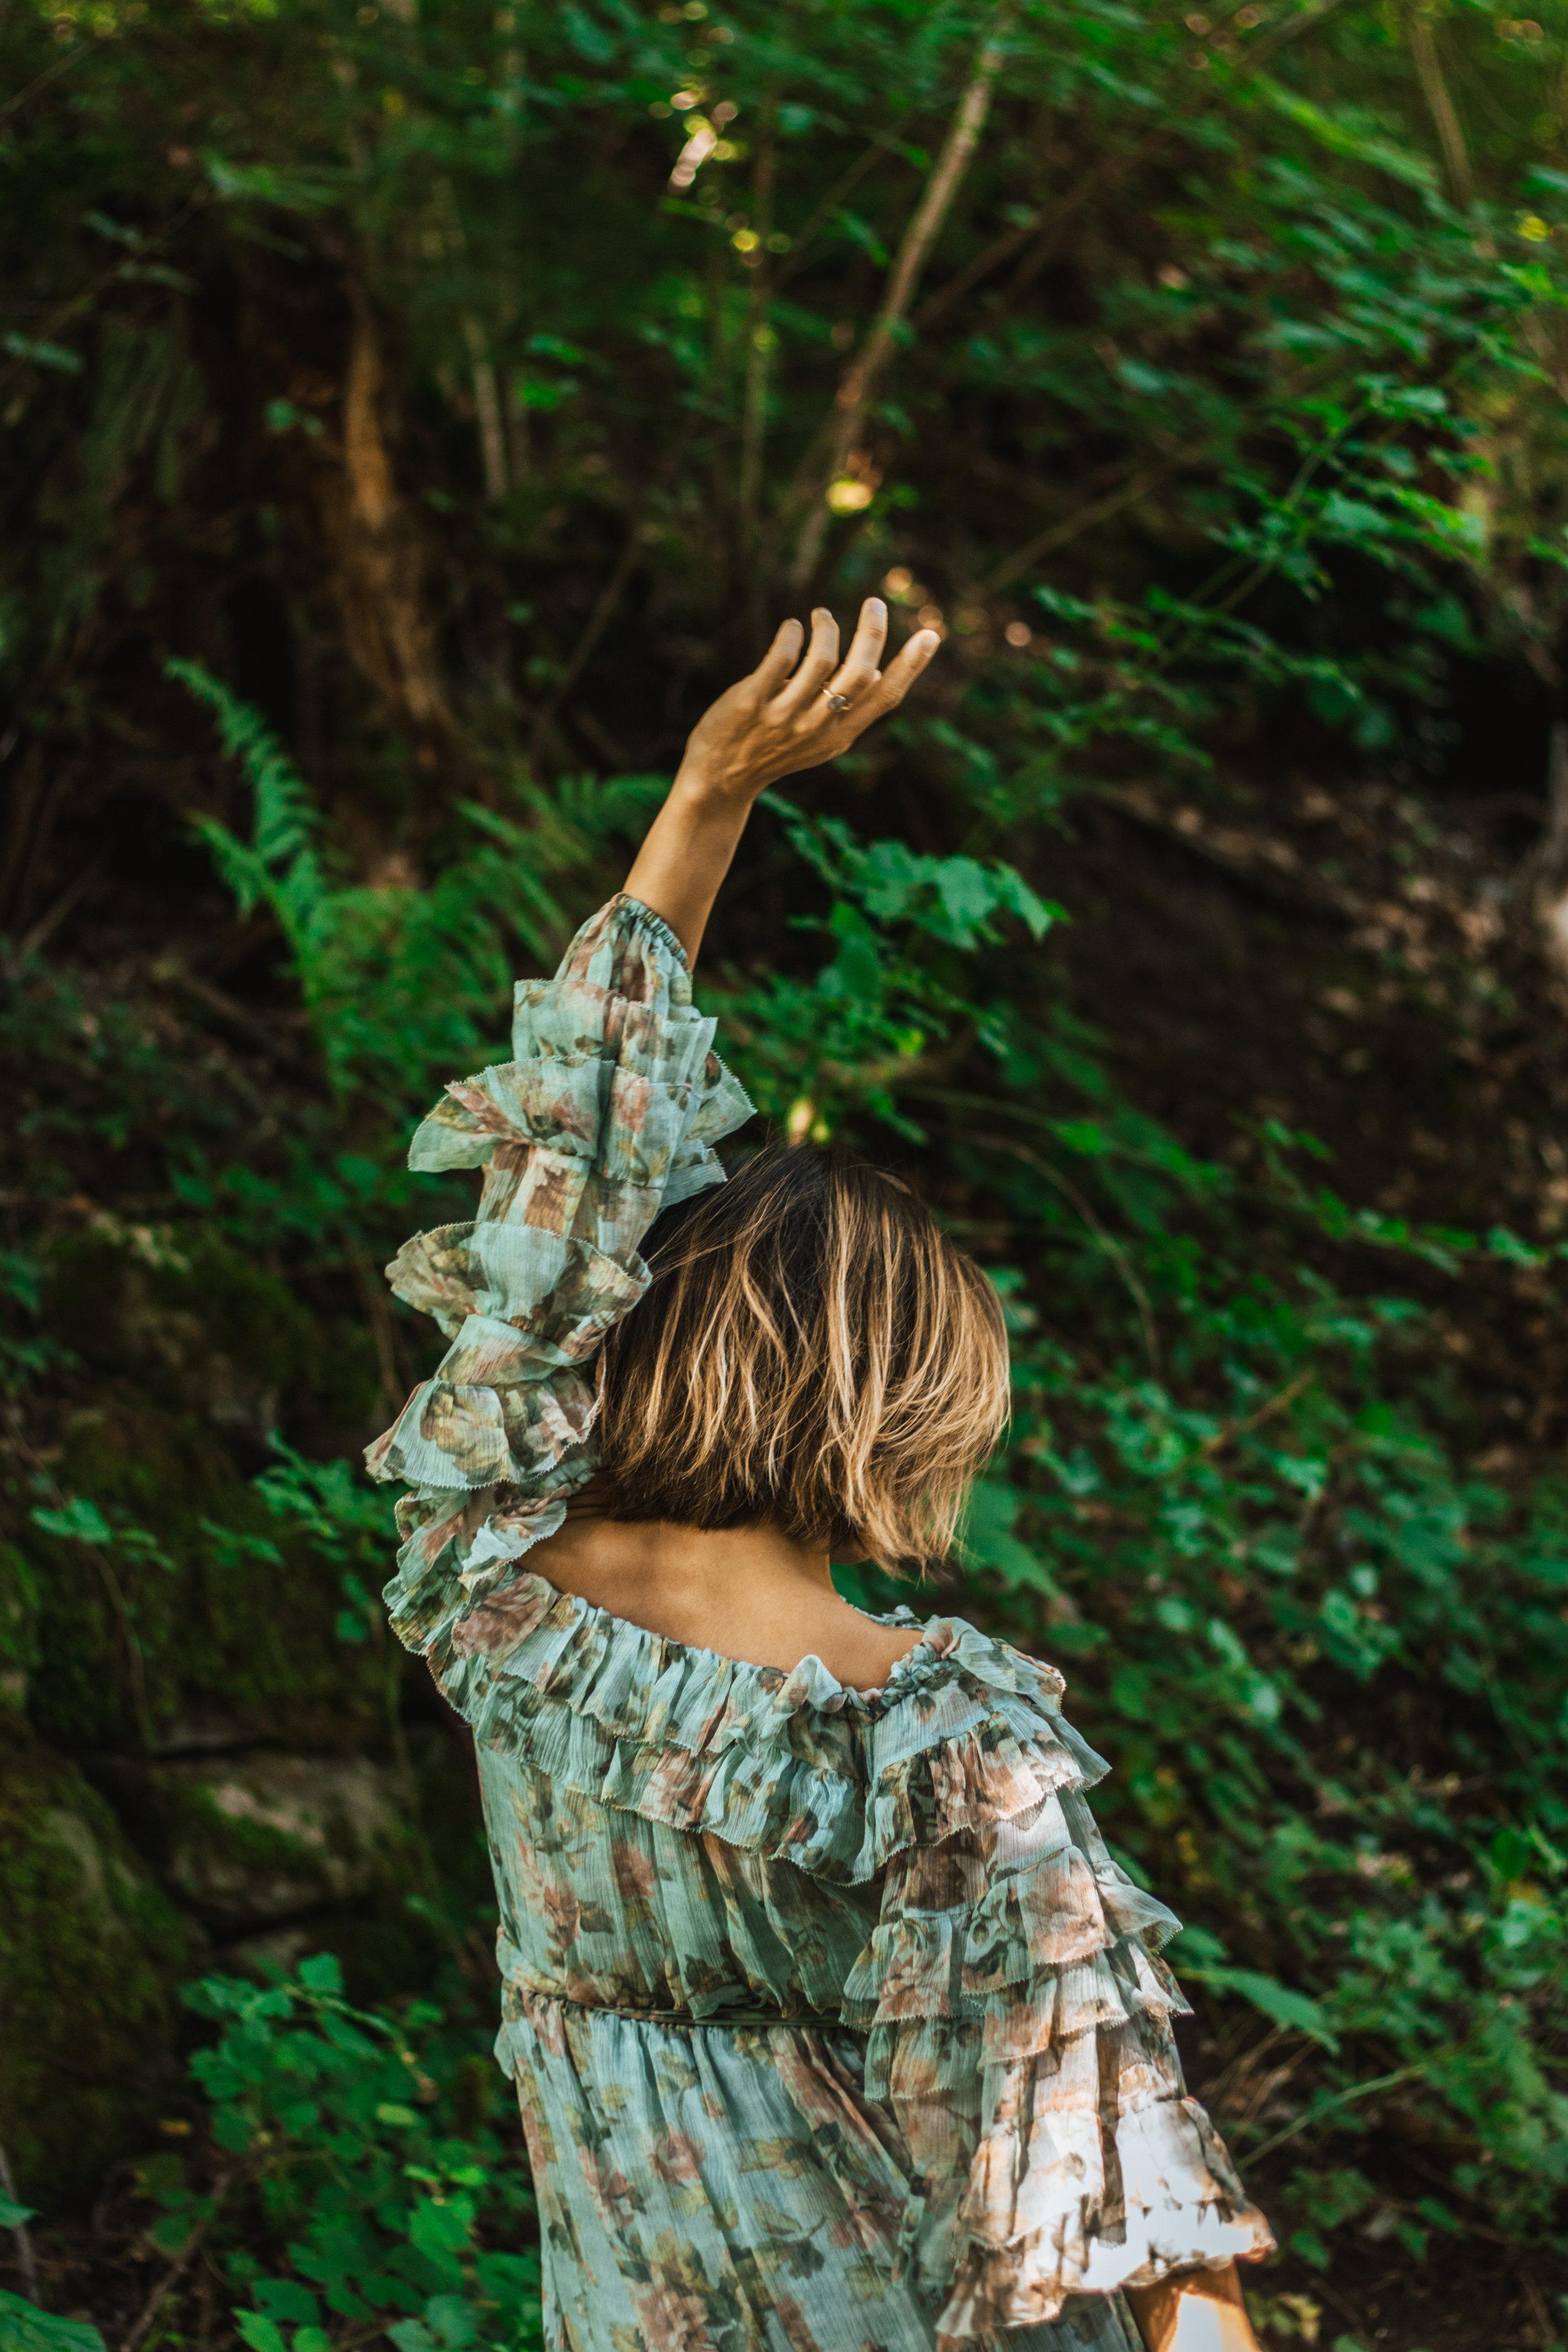 Cheryn Lee Reipenhauen - Wellness Photography - Zürich, Switzerland